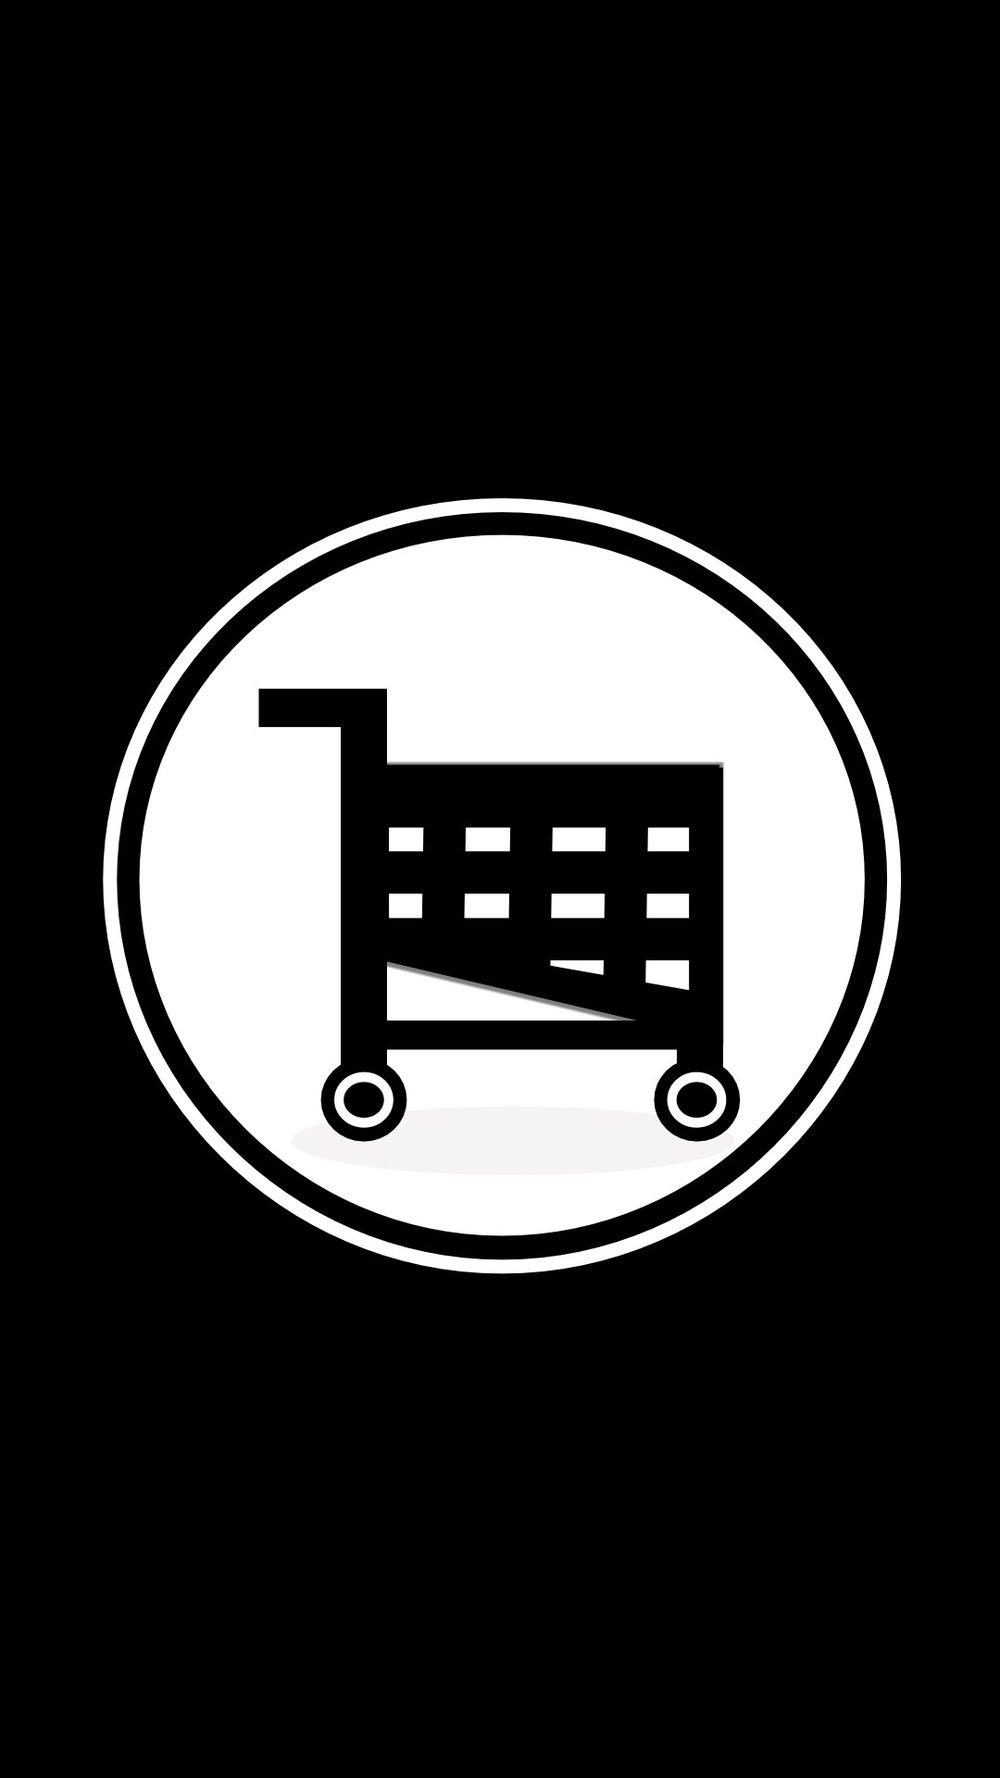 Instagram-cover-shoppingcar-black-lotnotes.com.jpg